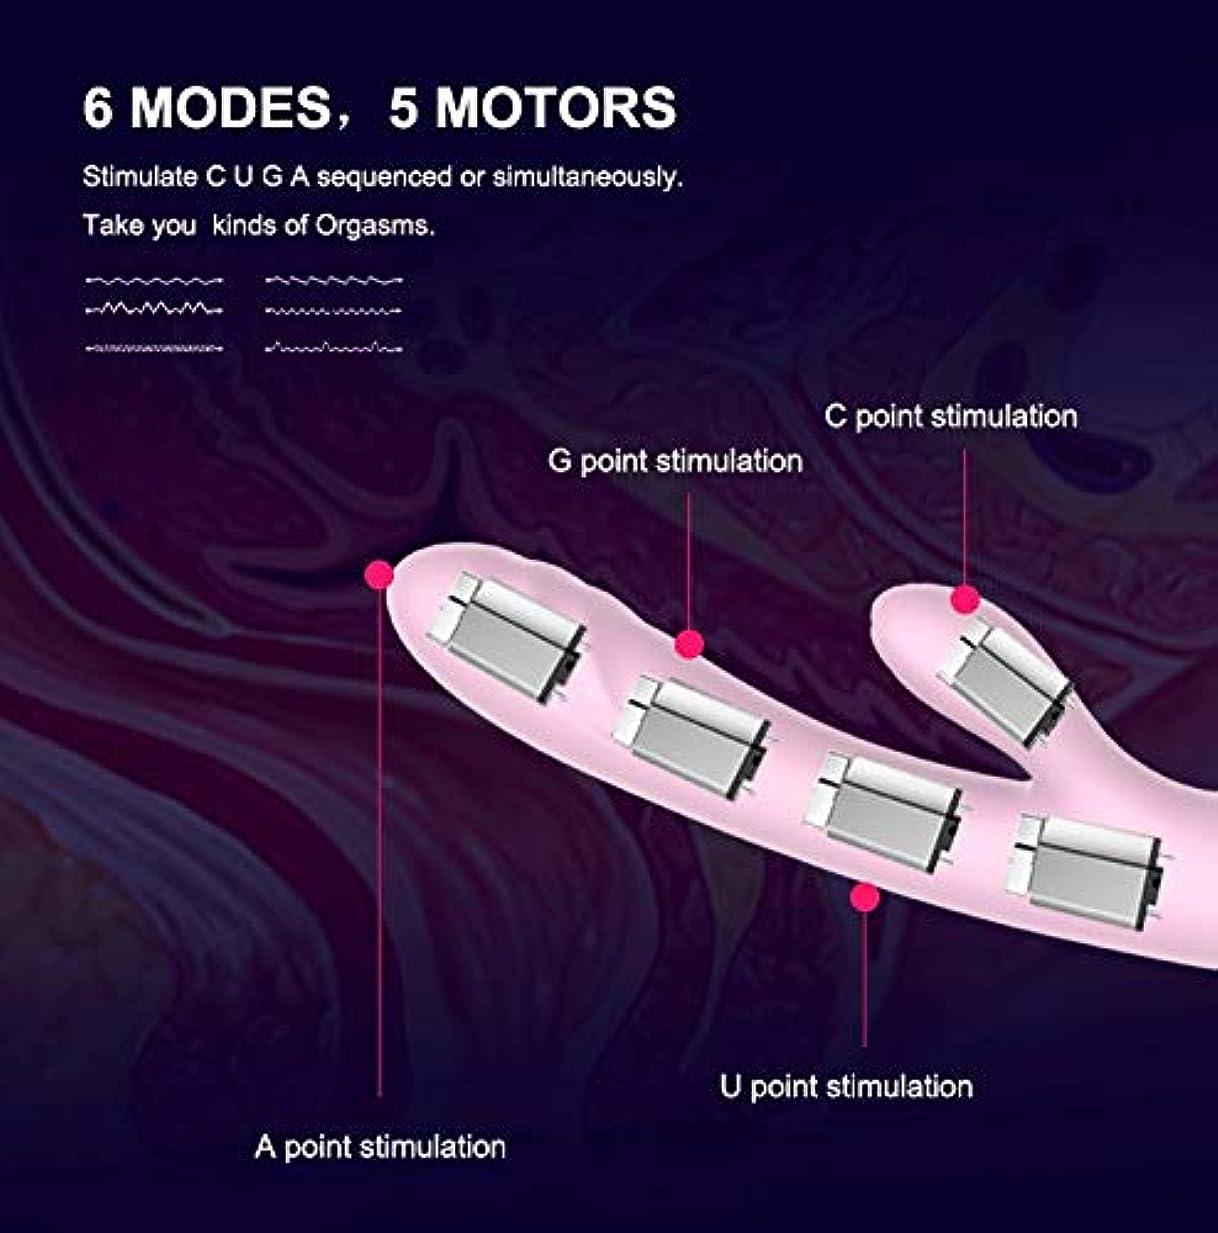 モールス信号ピッチャー補うWJPCR 手持ち型のバイブレーターの電気再充電可能な防水背部マッサージ、安心のためのコードレス多速度ボディマッサージ